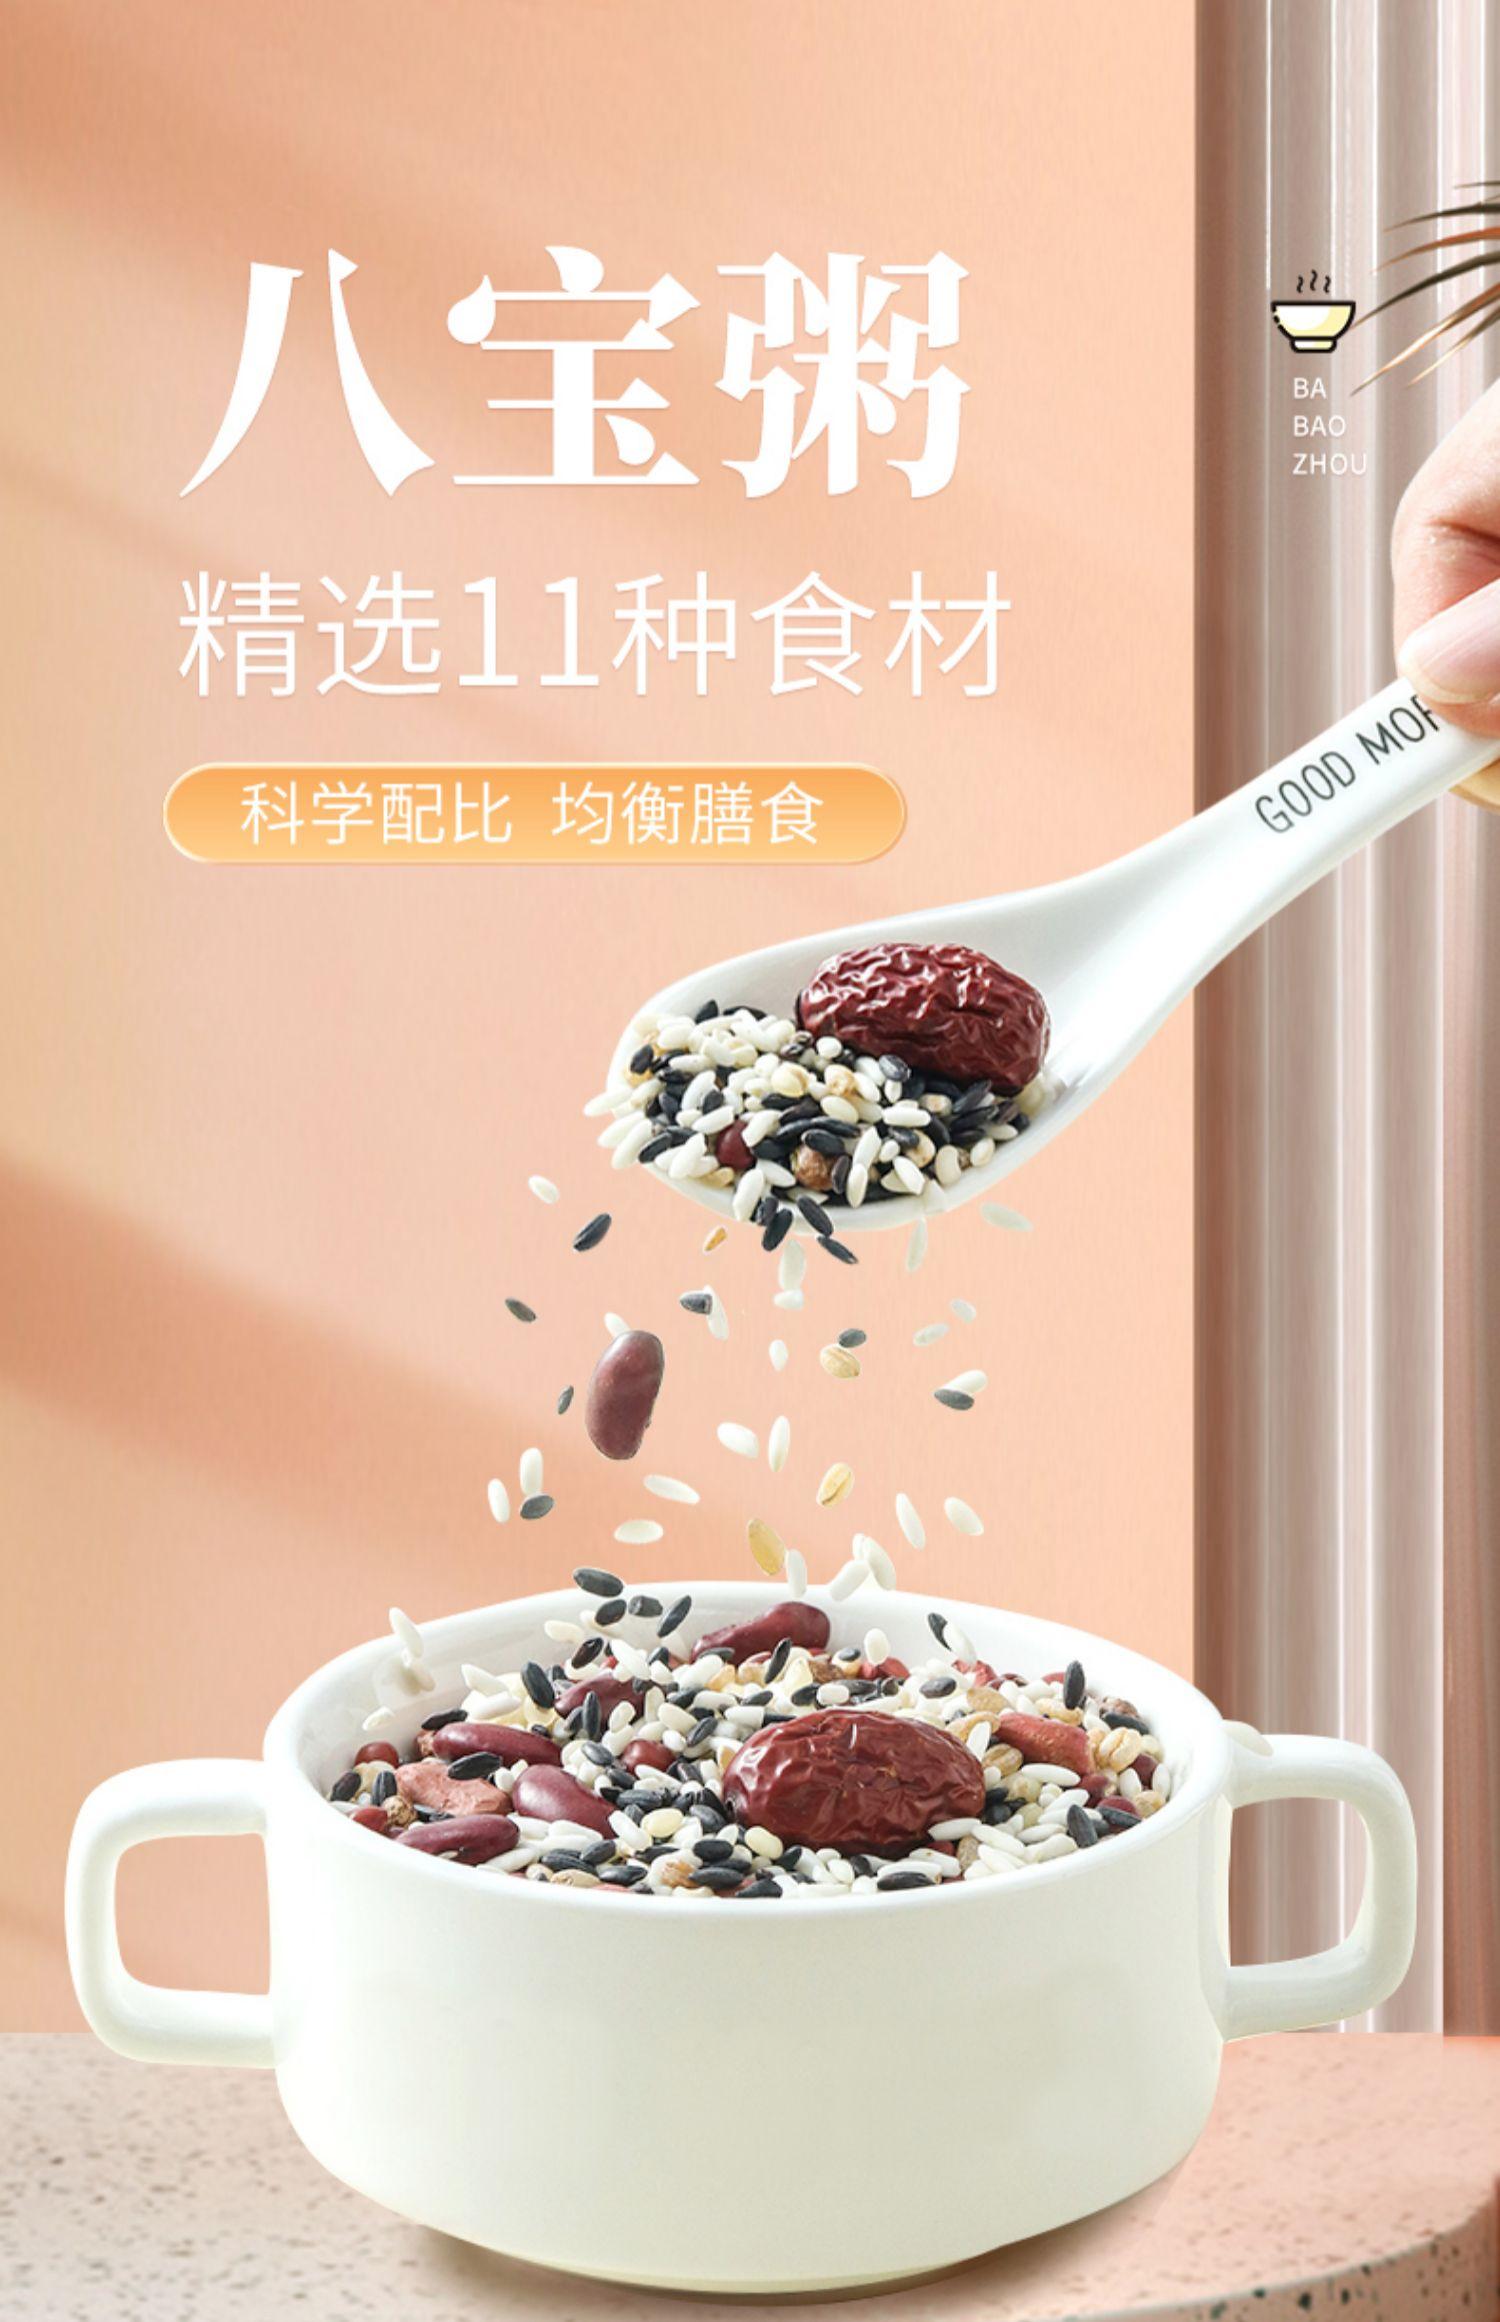 【燕之坊】八宝粥米100g*10袋